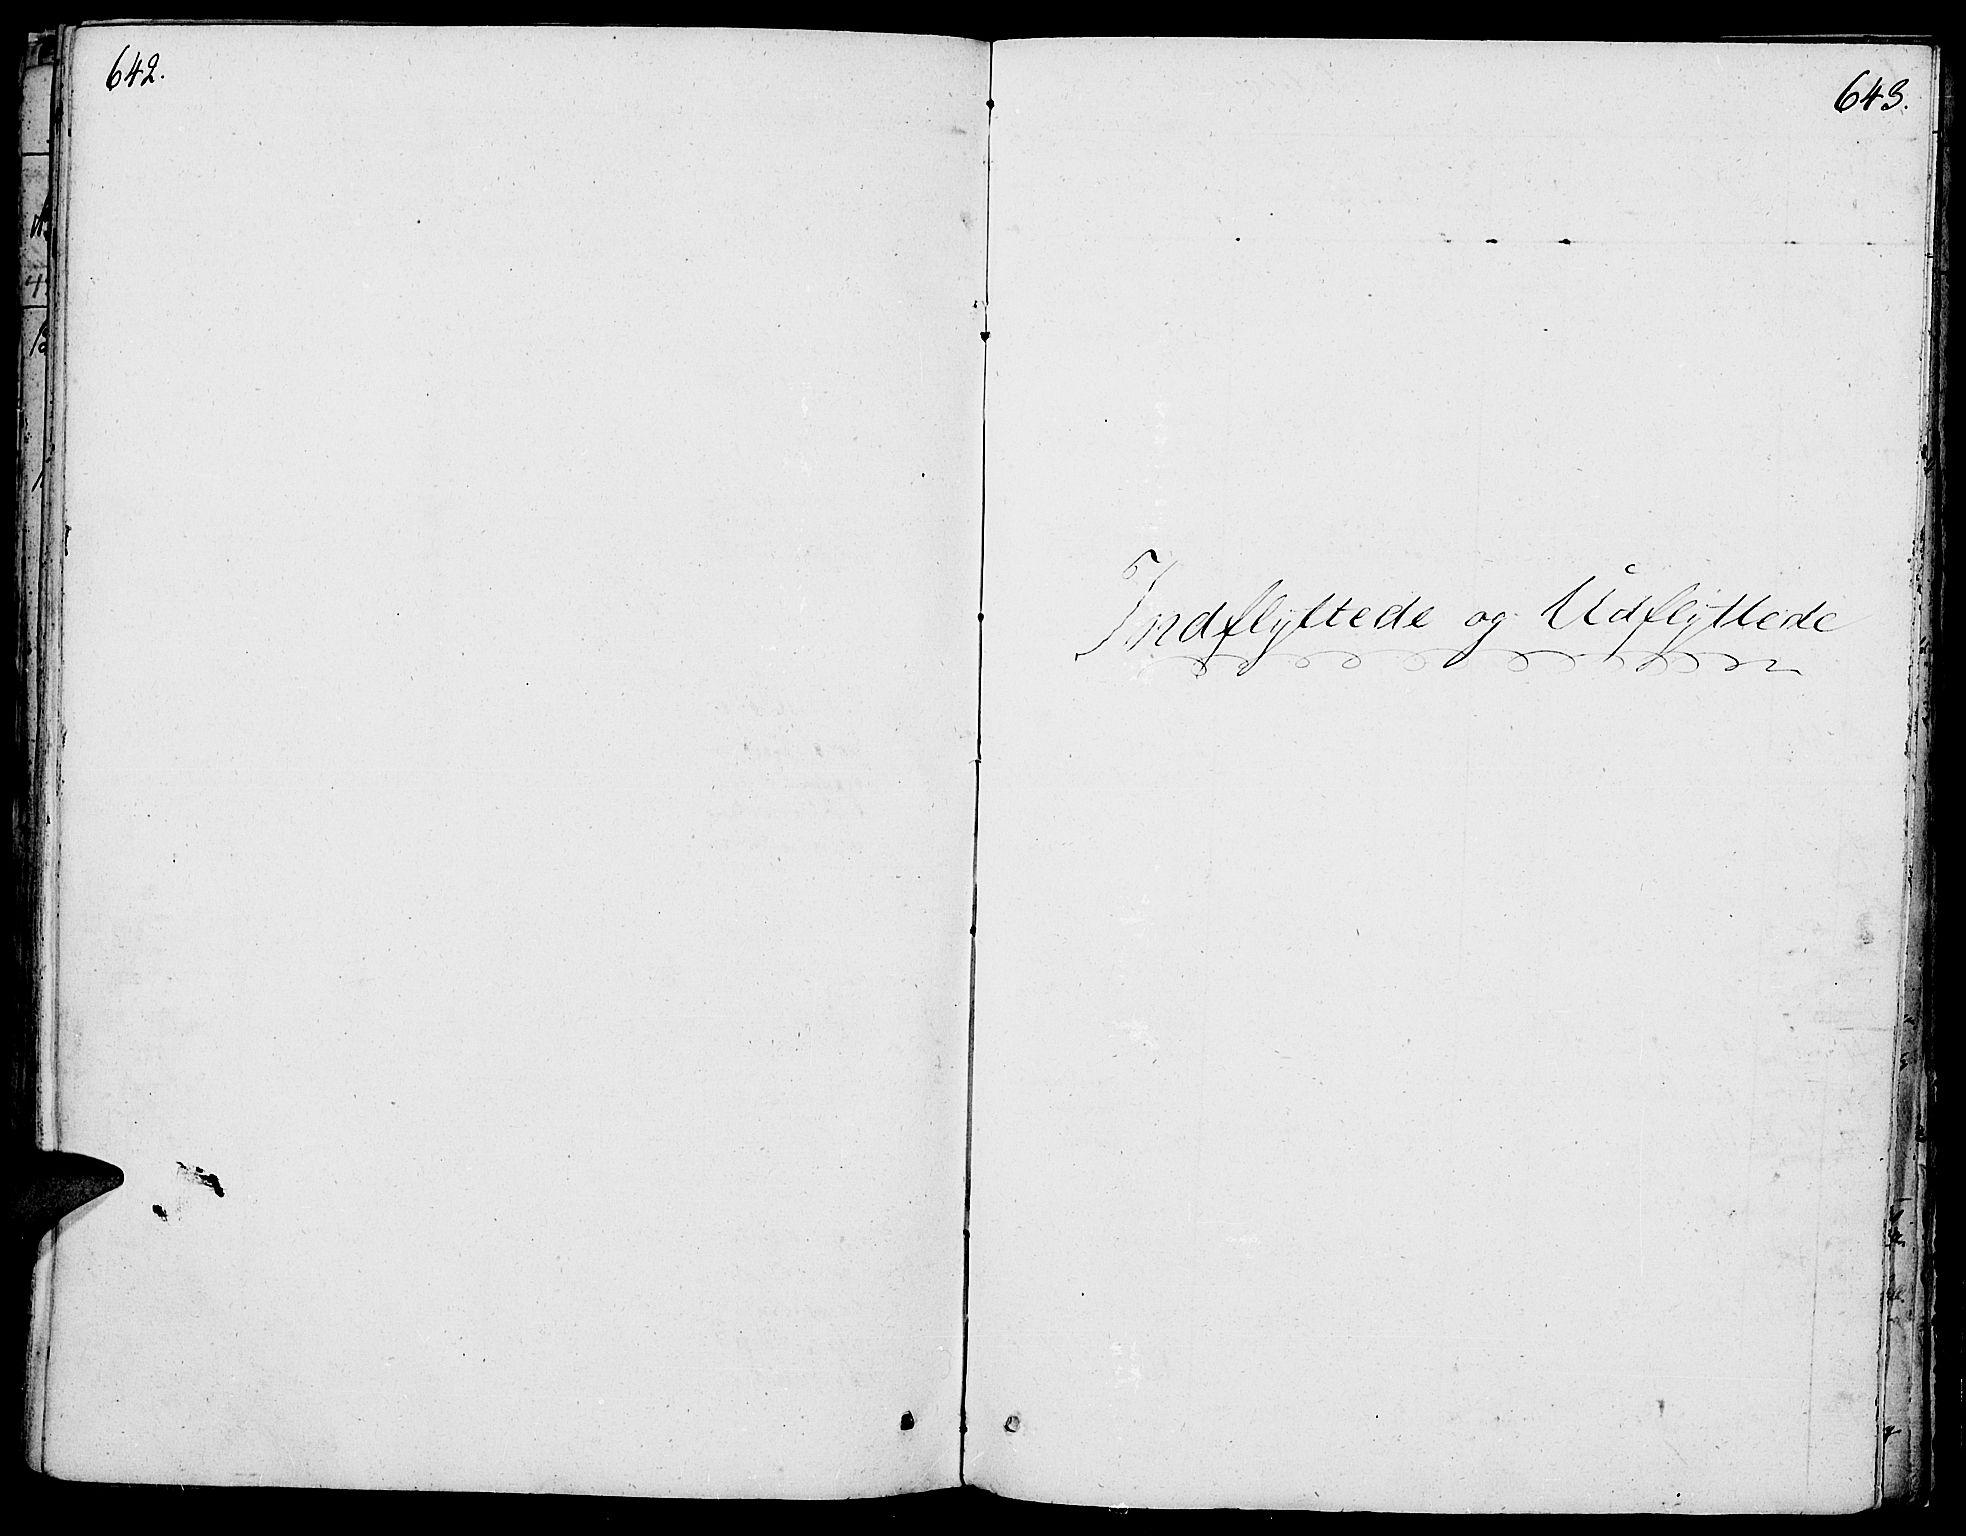 SAH, Løten prestekontor, K/Ka/L0006: Parish register (official) no. 6, 1832-1849, p. 642-643